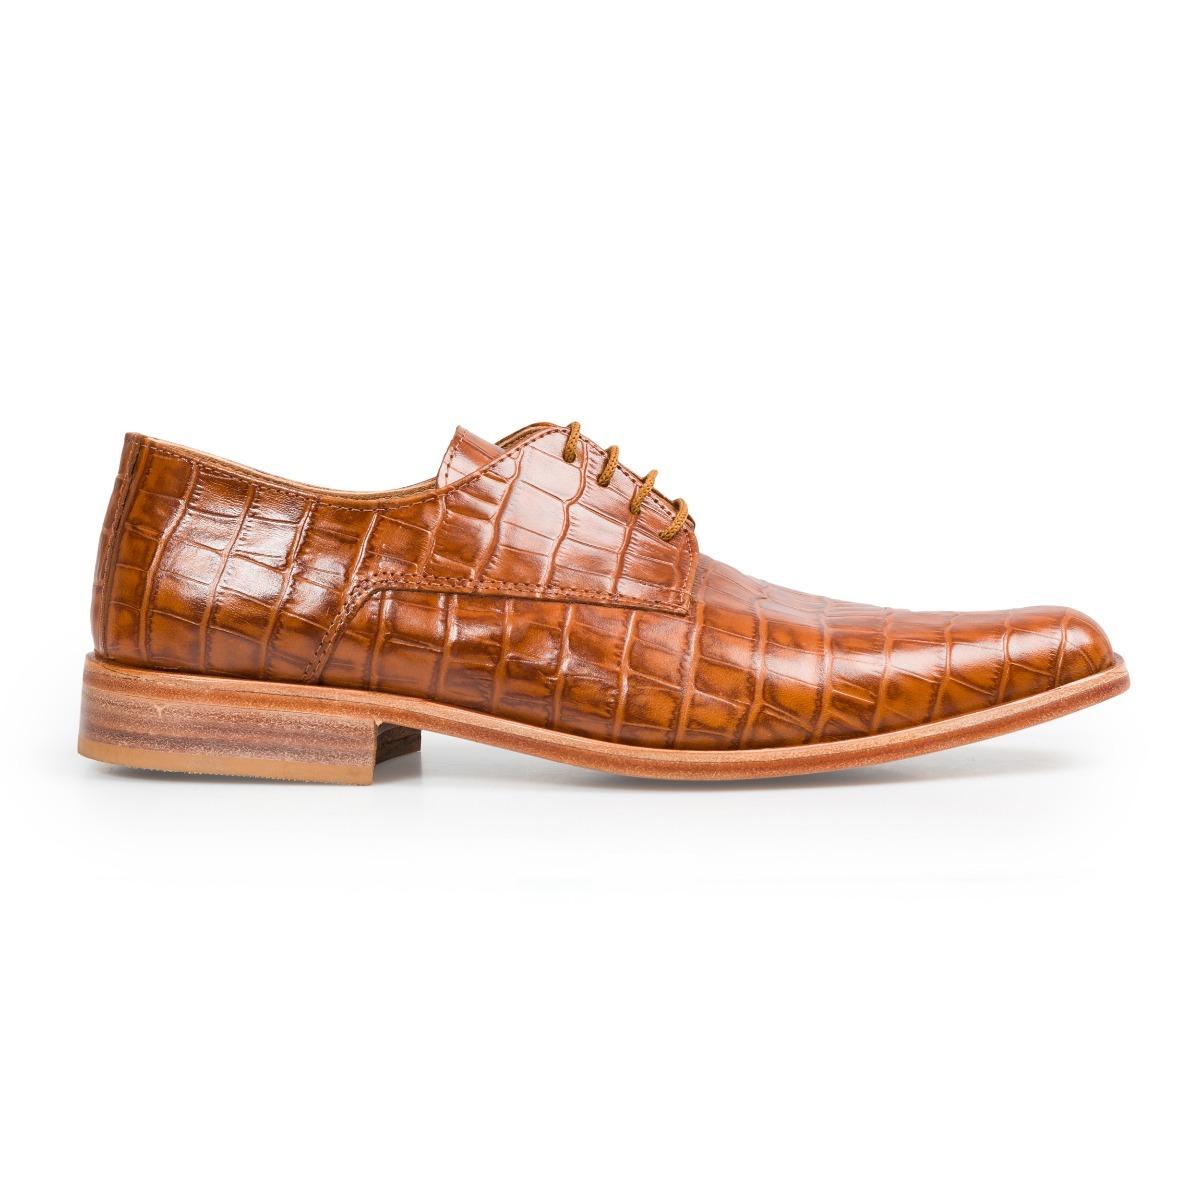 f0233753da3 zapato de hombre suela sport cuero cocodrilo croco marron. Cargando zoom.